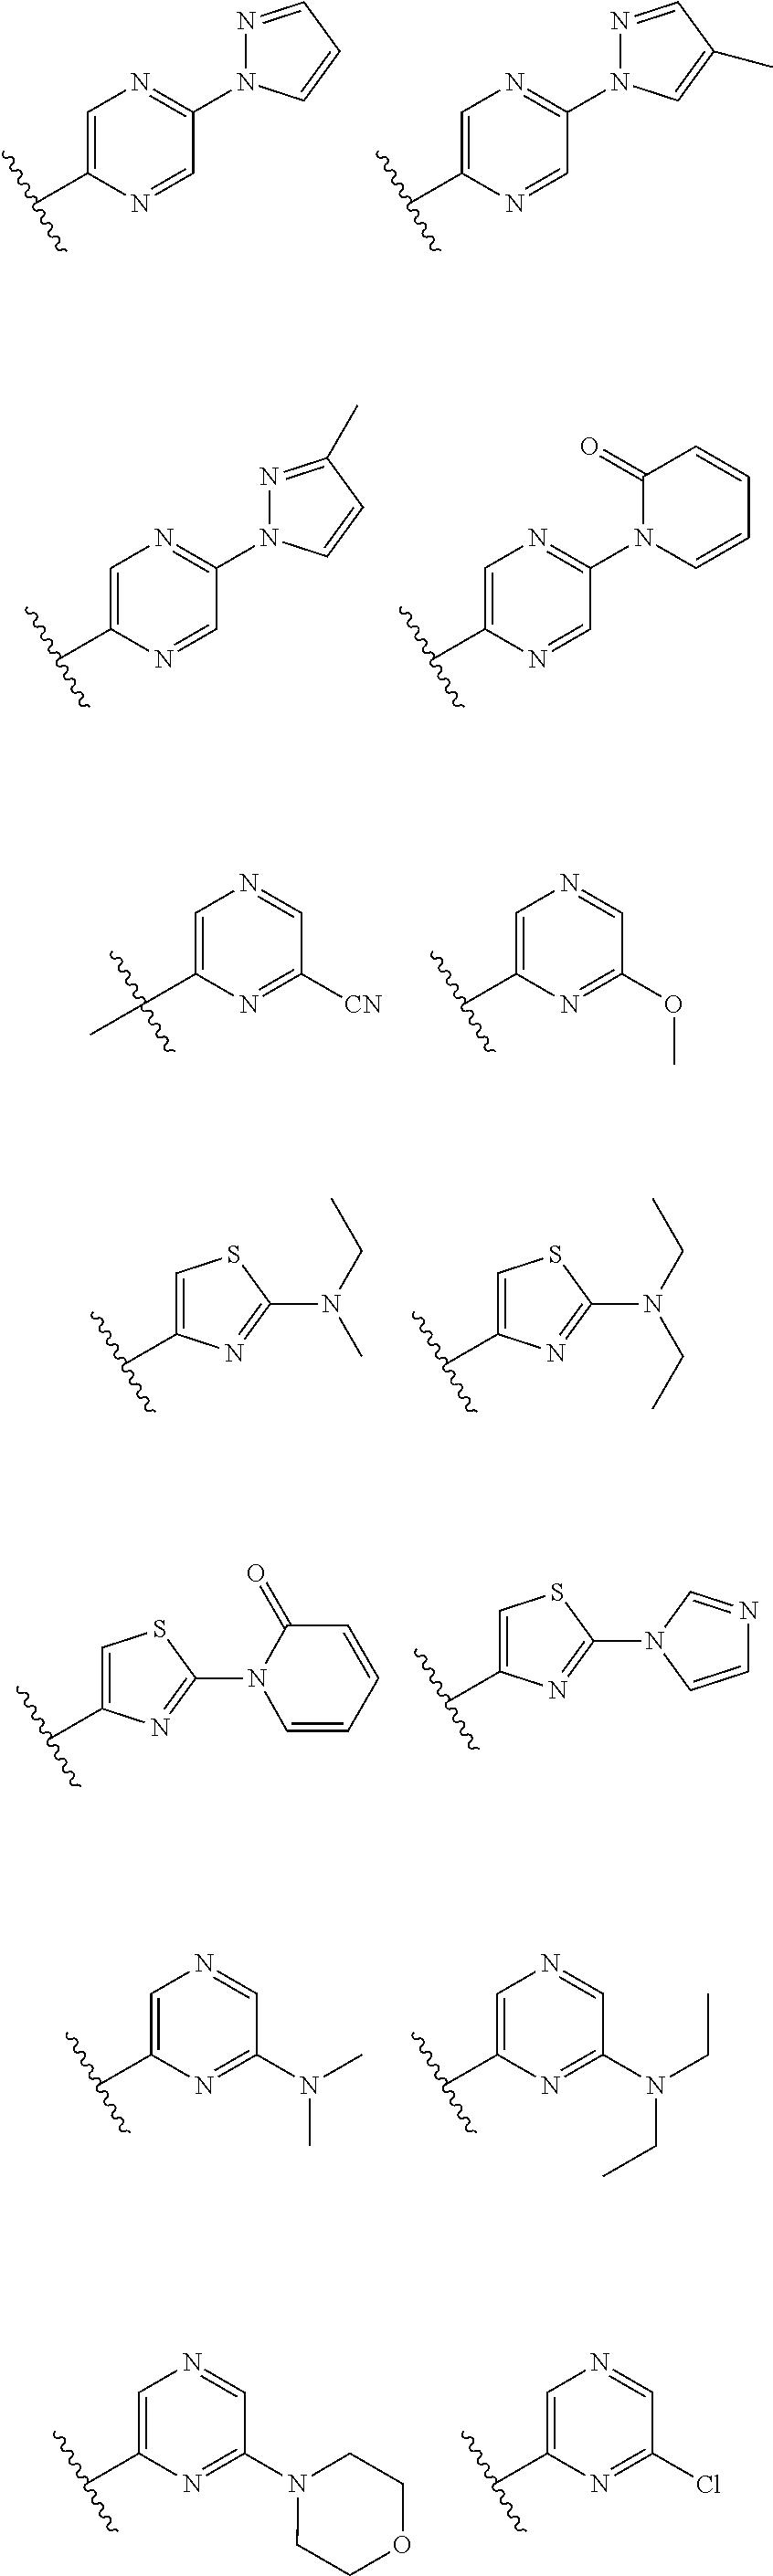 Figure US09216982-20151222-C00026